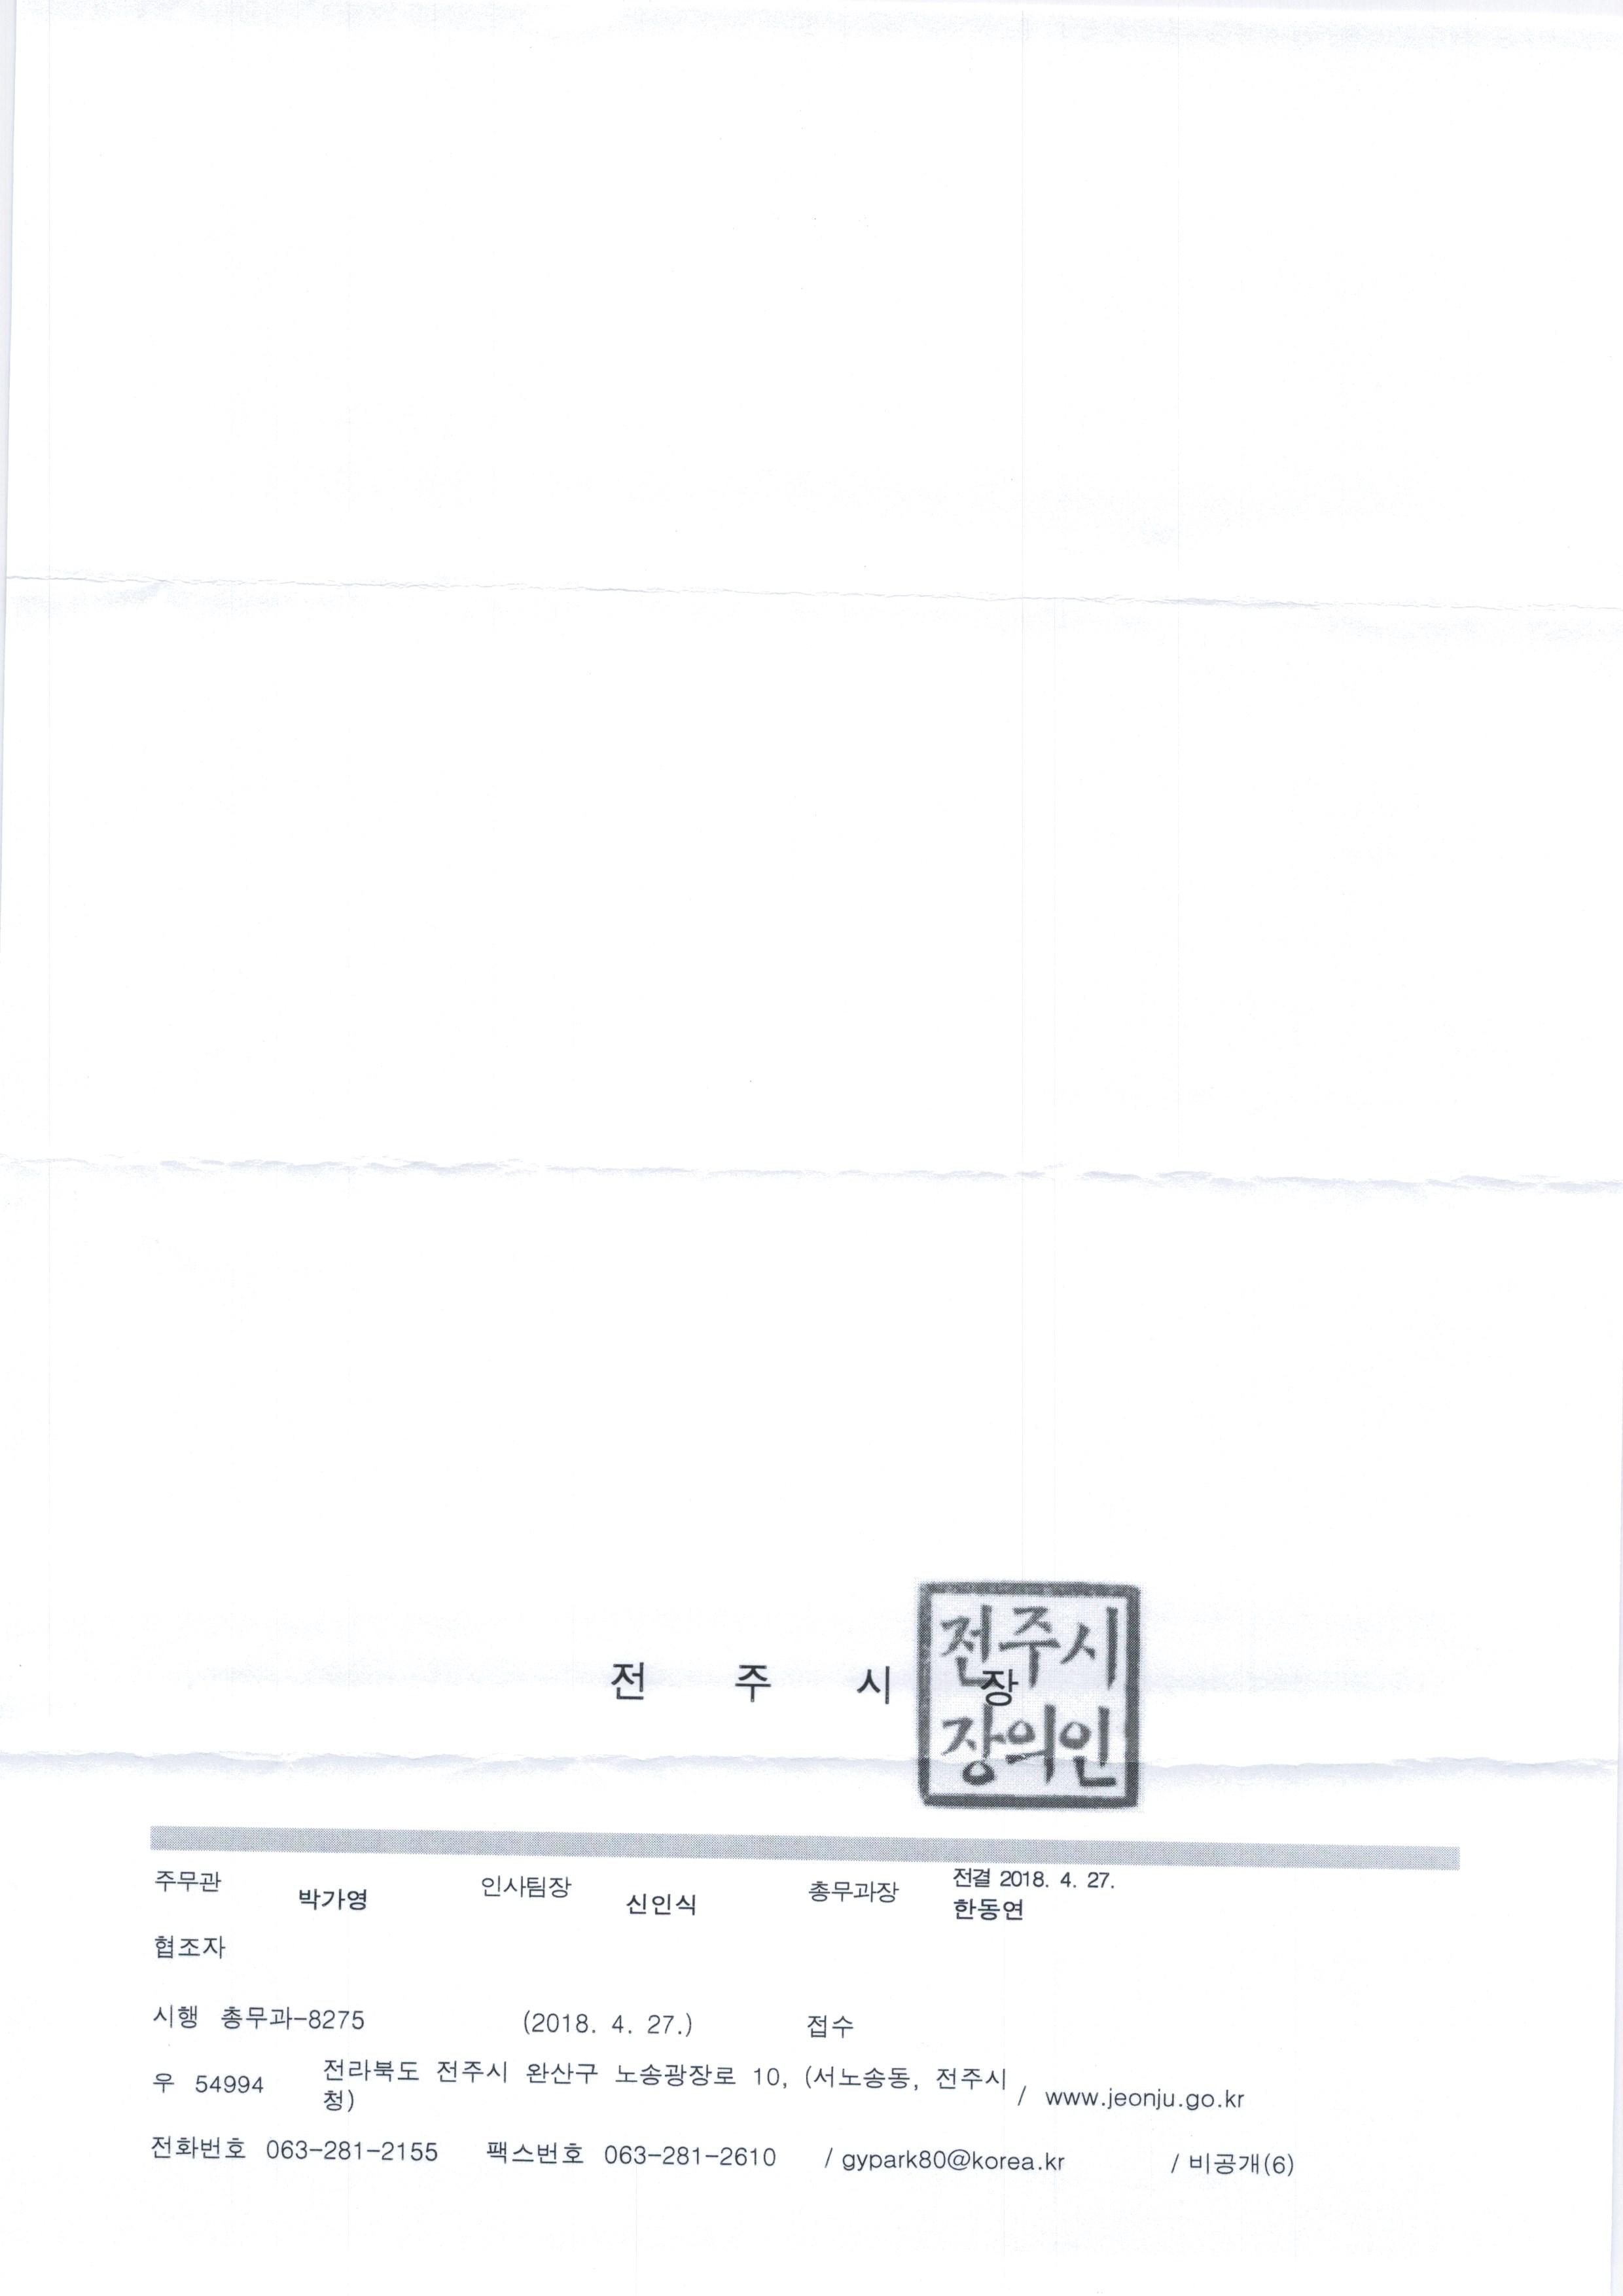 전주시 총무과-8275(18.4.27) 전주시장 선거후보등록시_(2).jpg